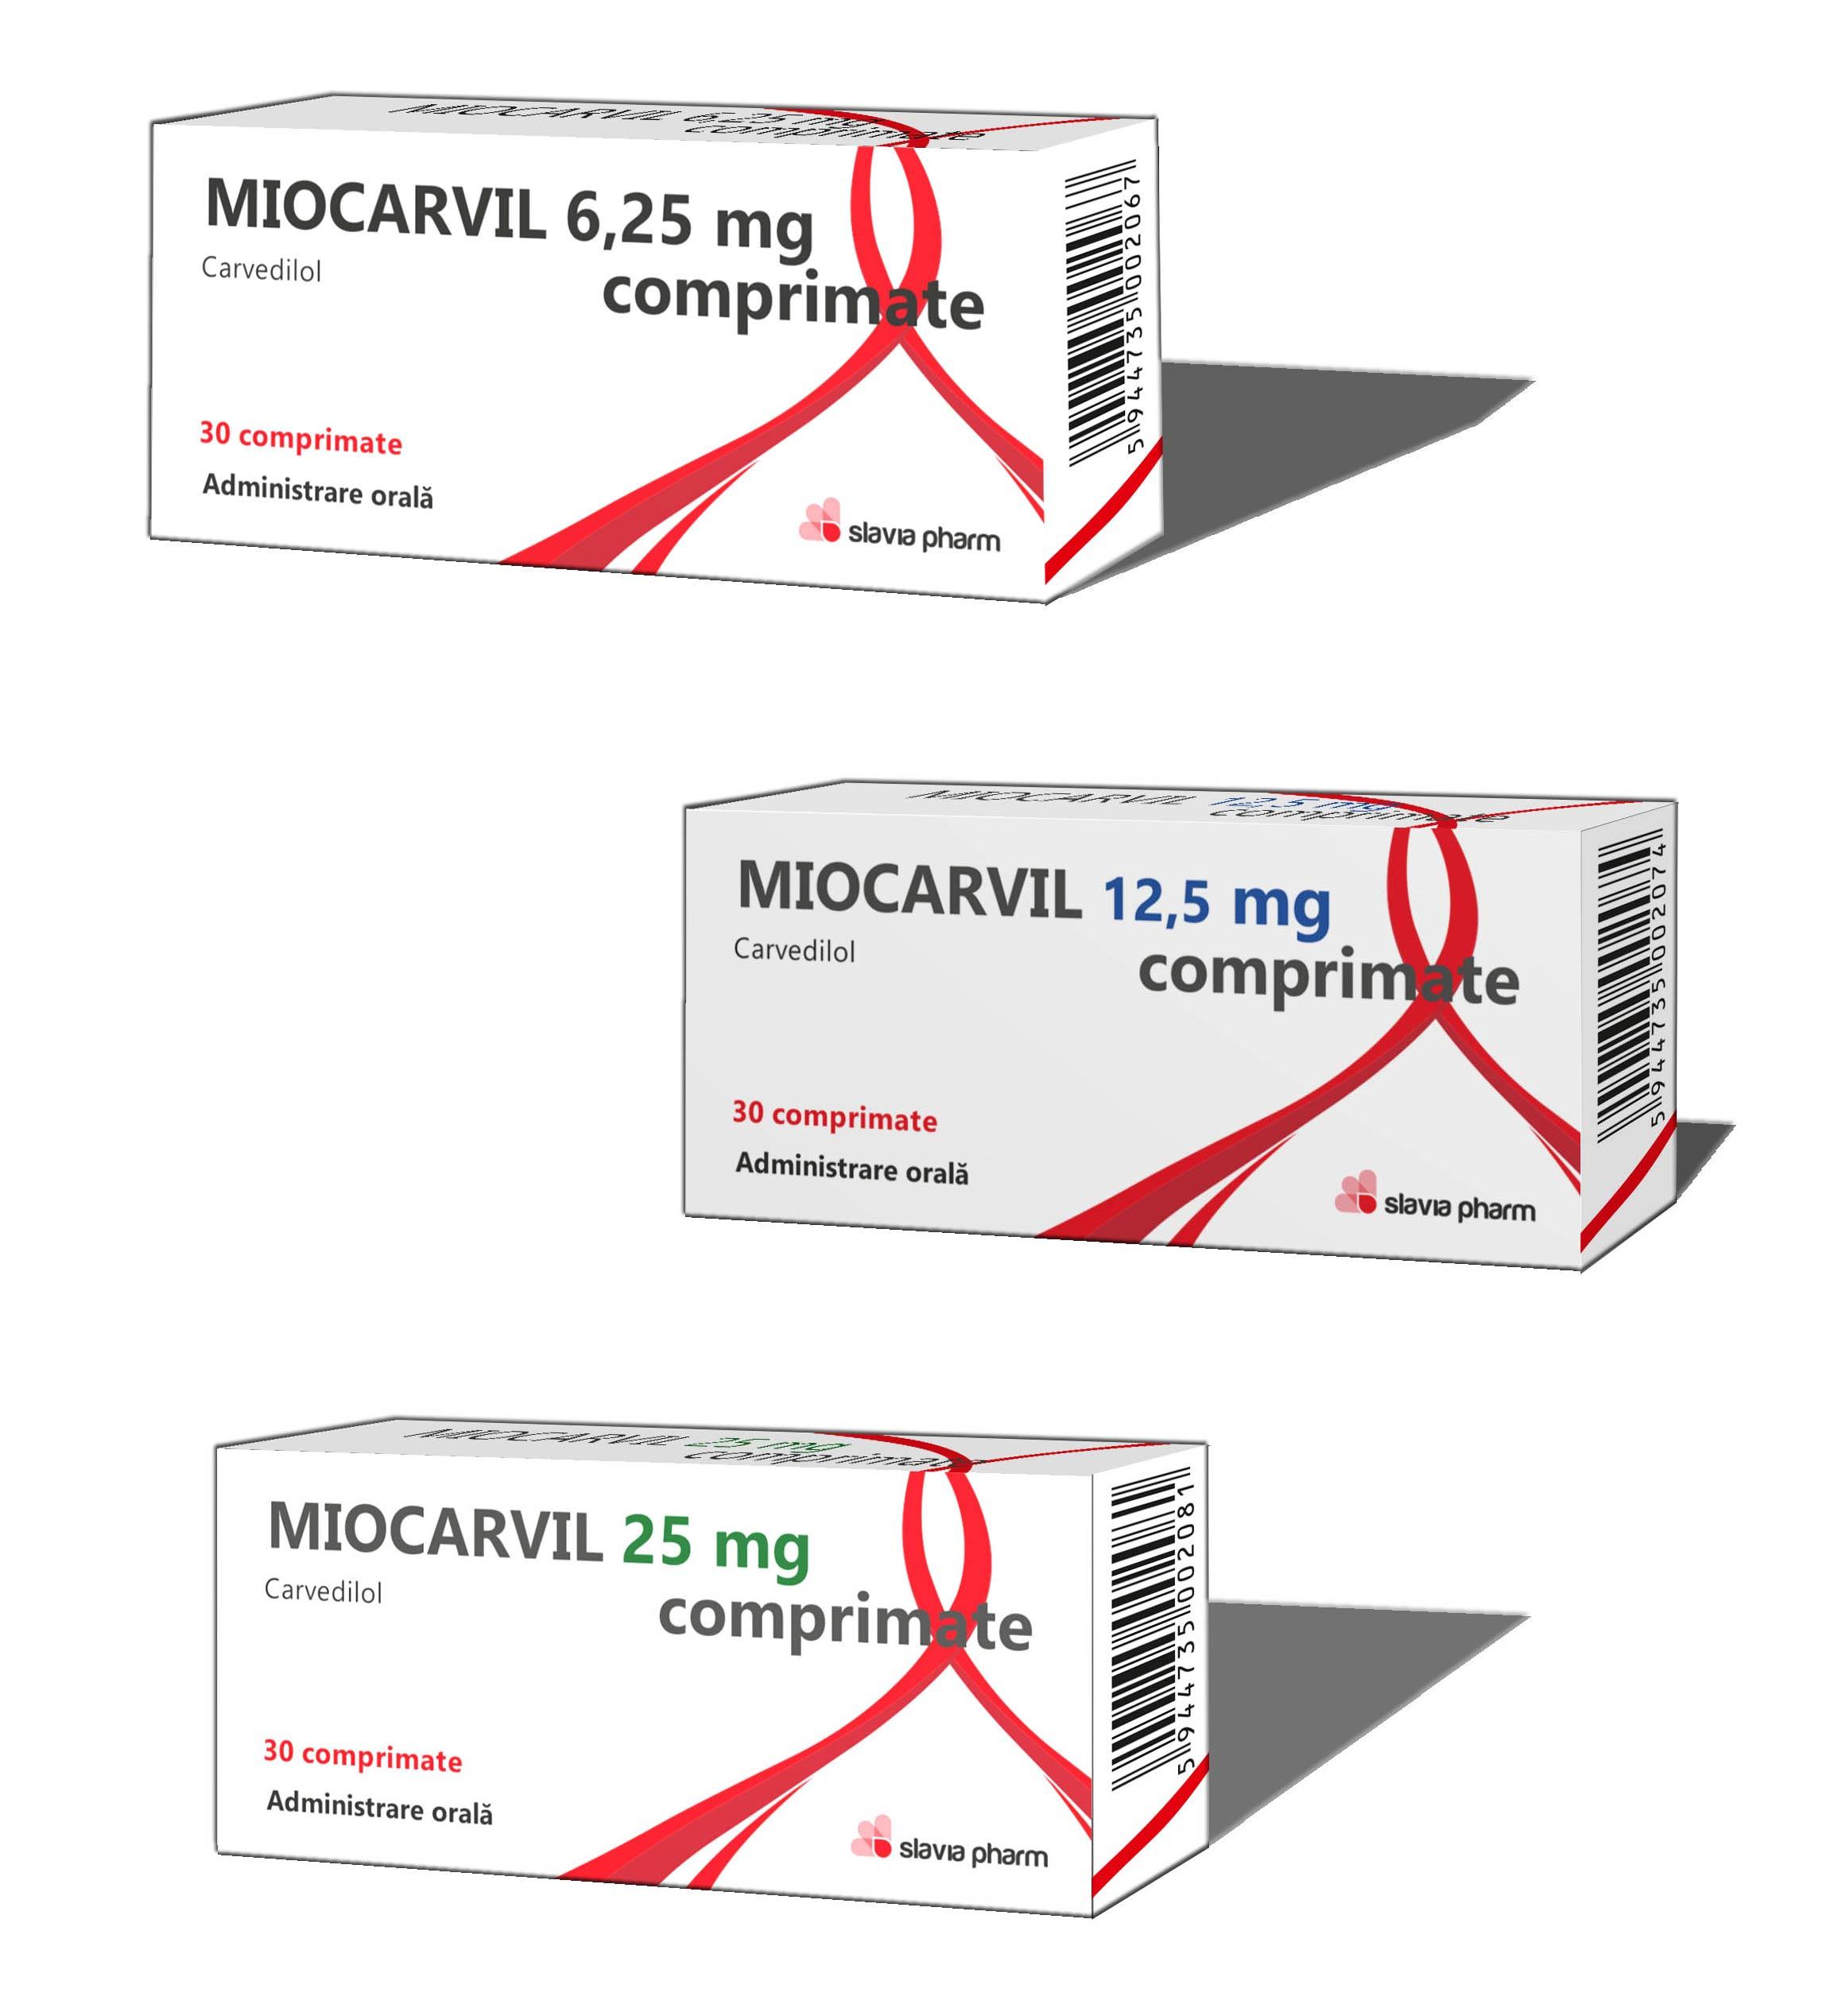 3D-Miocarvil 6,25 mg_PL